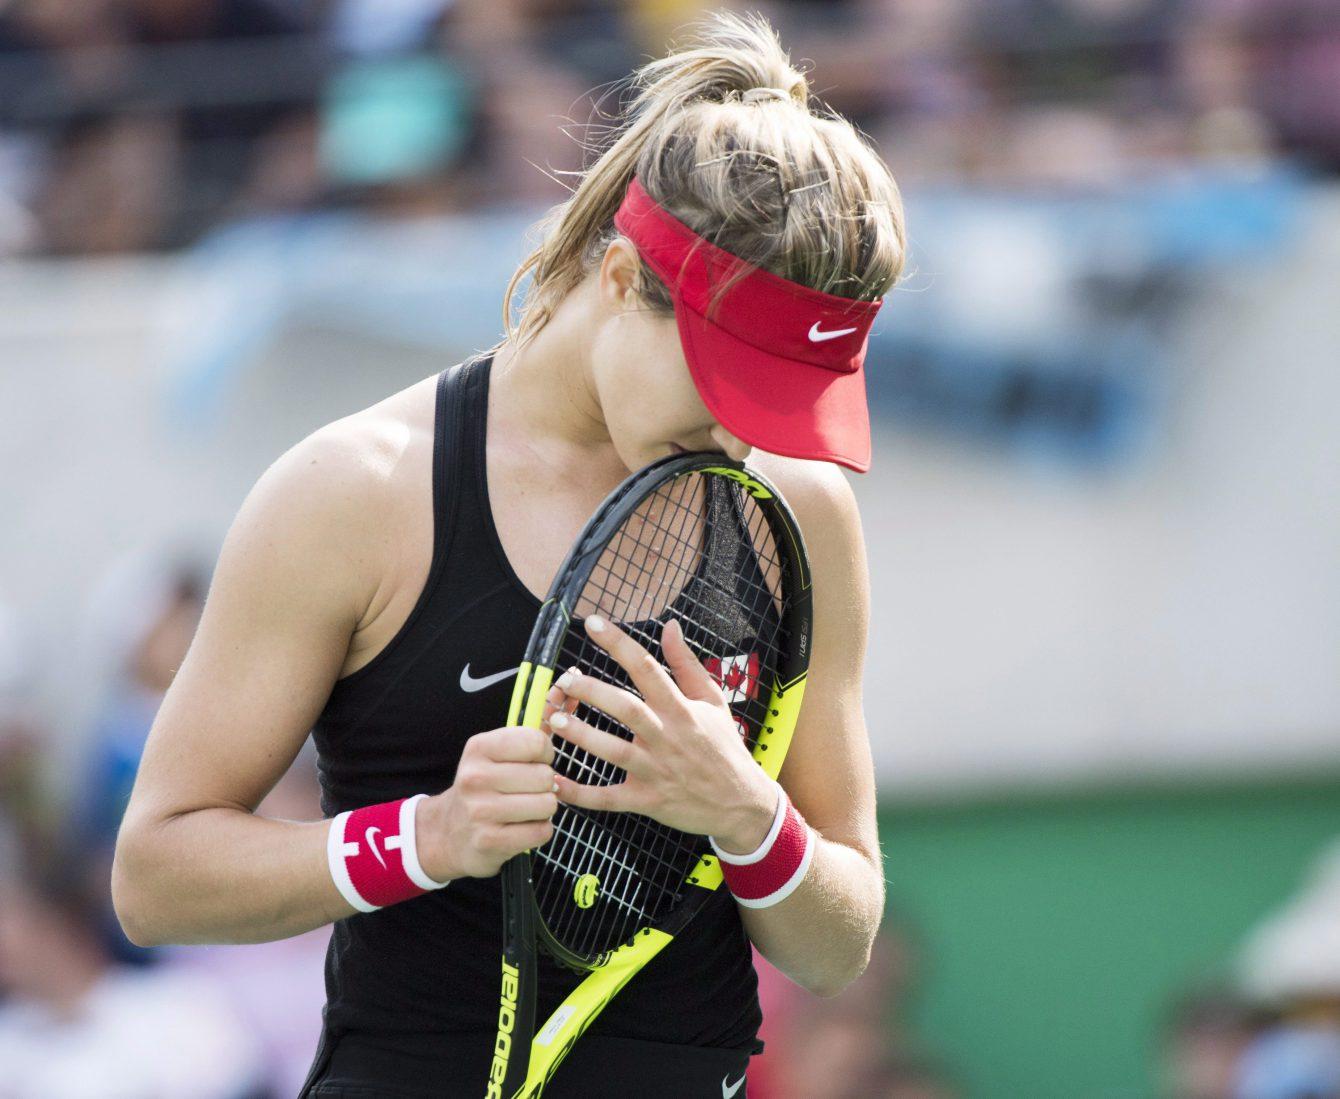 Eugenie Bouchard après sa défaite aux mains de l'Allemande Angelique Kerber au tournoi olympique des Jeux de 2016, à Rio. THE CANADIAN PRESS/Ryan Remiorz